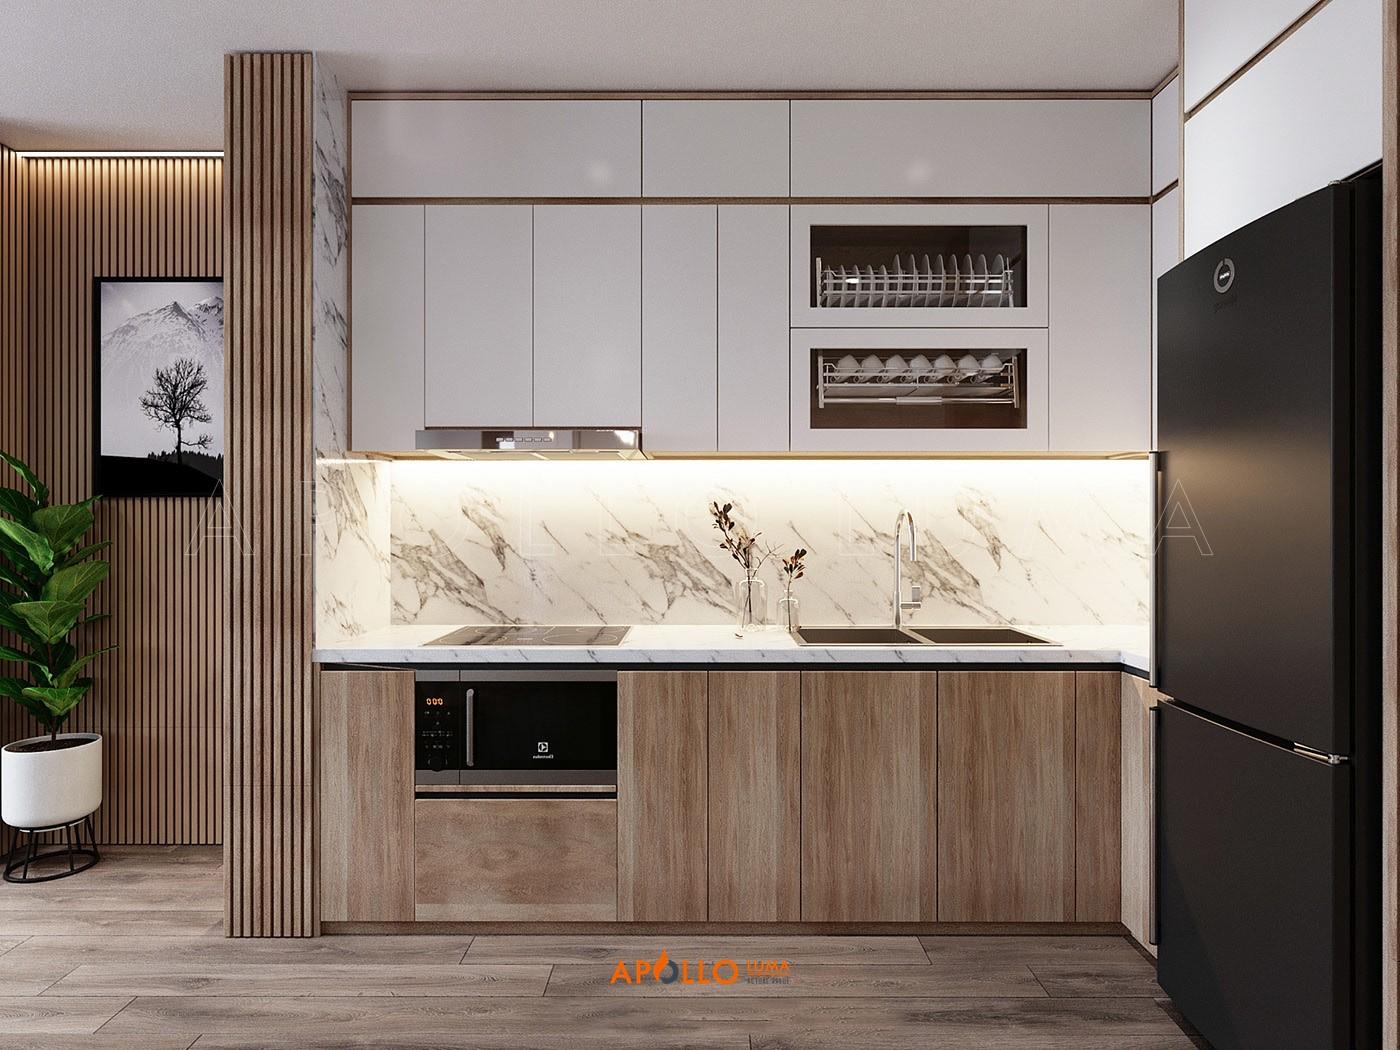 Thiết kế nội thất căn hộ 2 phòng ngủ Vinhomes Skylake Phạm Hùng